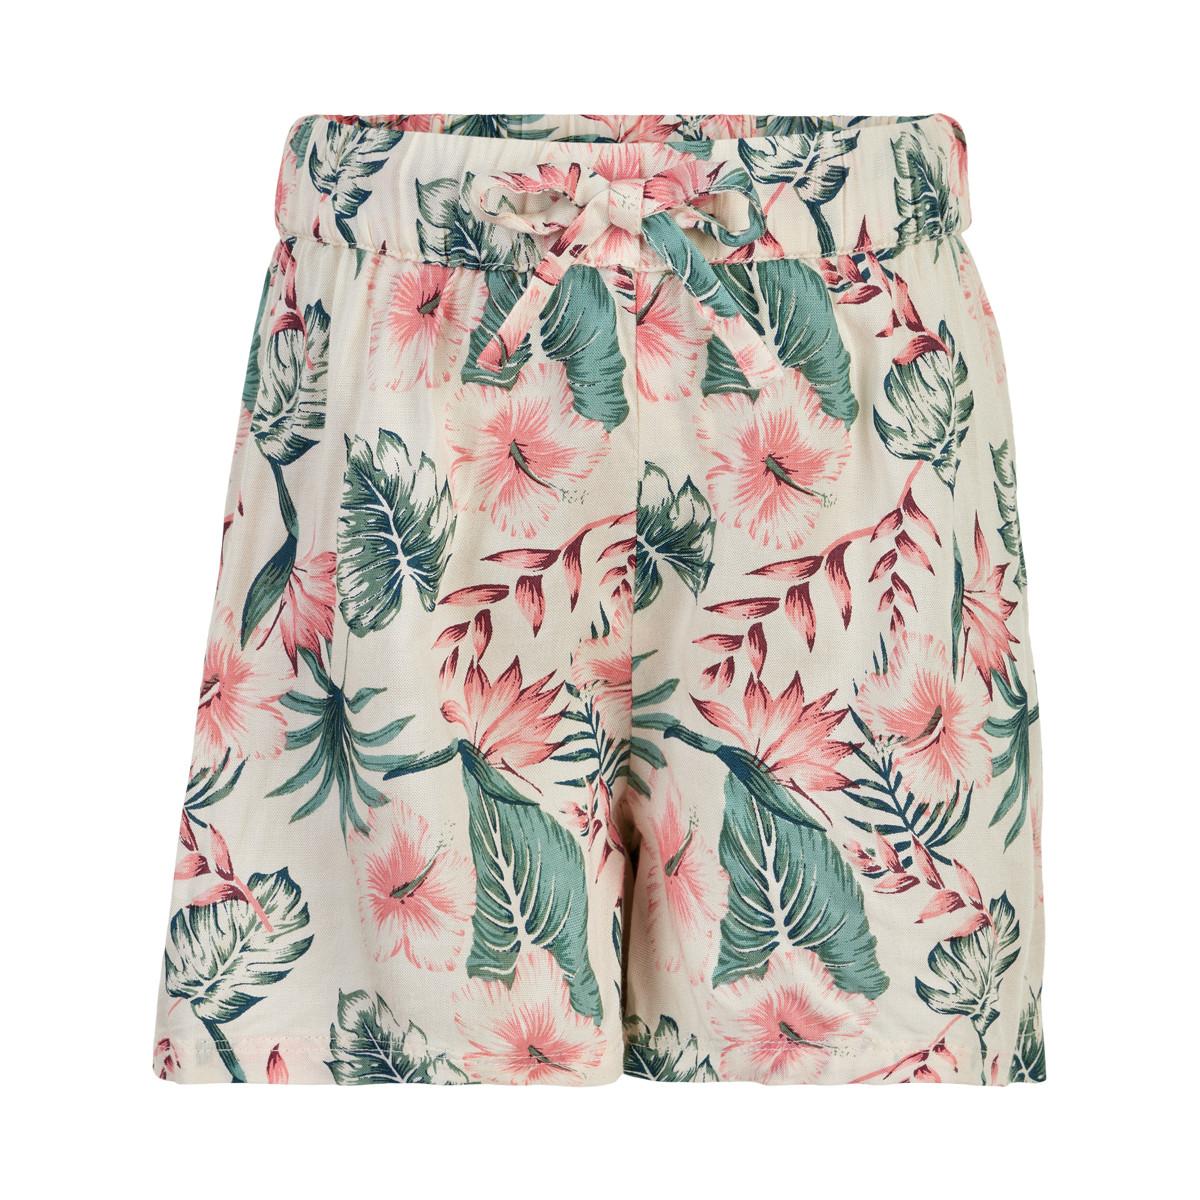 Minymo   Shorts   12m-10y   121458-2605